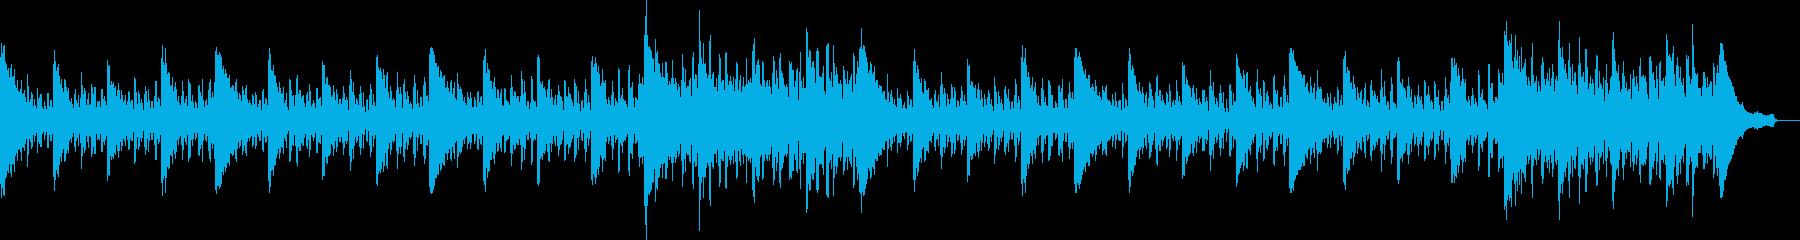 企業VP映像、130オーケストラ、爽快aの再生済みの波形